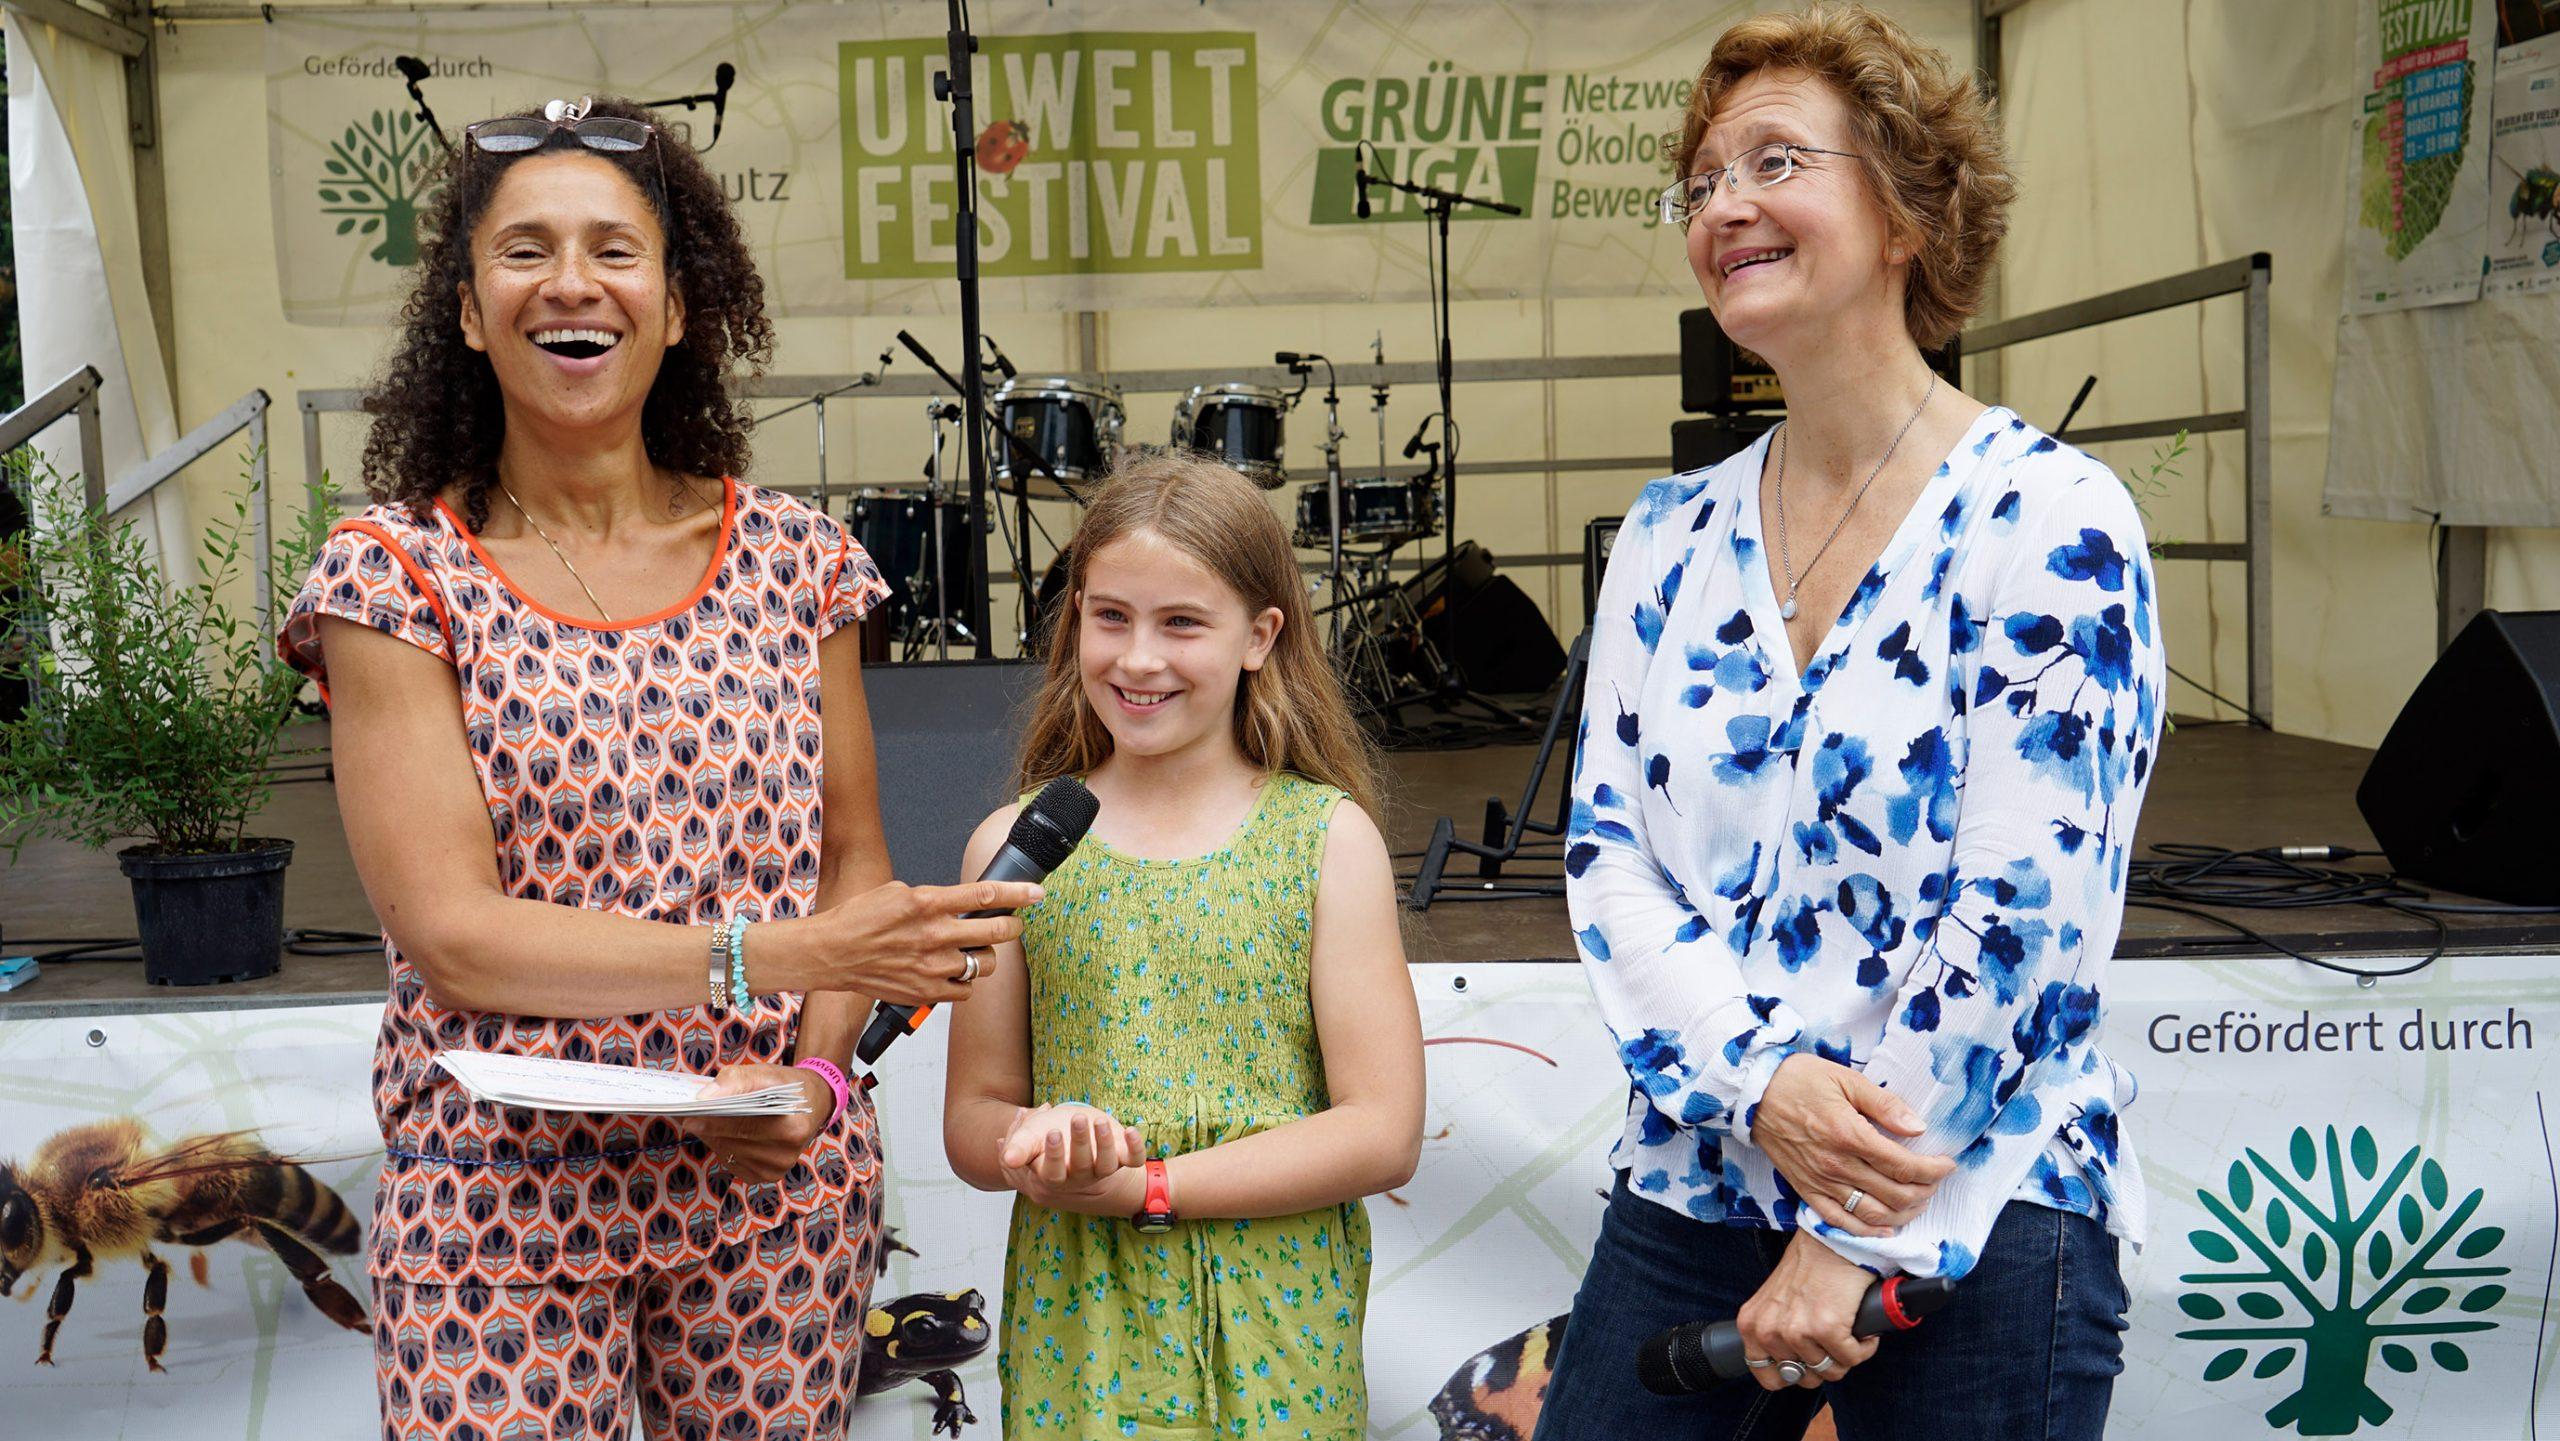 Foto: Ines Meier, Gewinnerin Jugendwettbewerb